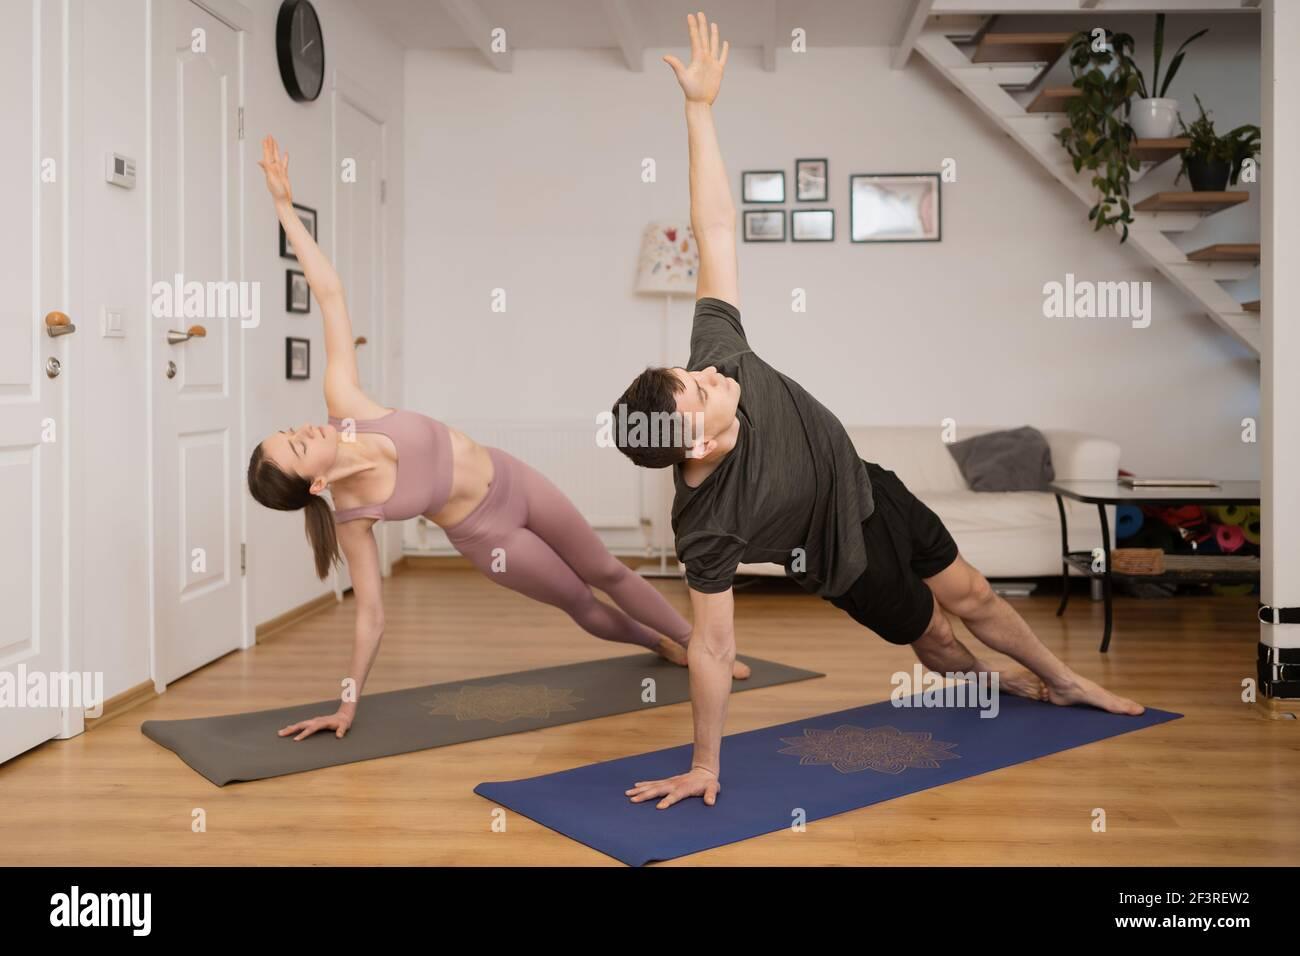 Pareja joven practicando yoga juntos en casa en un interior moderno. Afición, unión, estilo de vida saludable Foto de stock